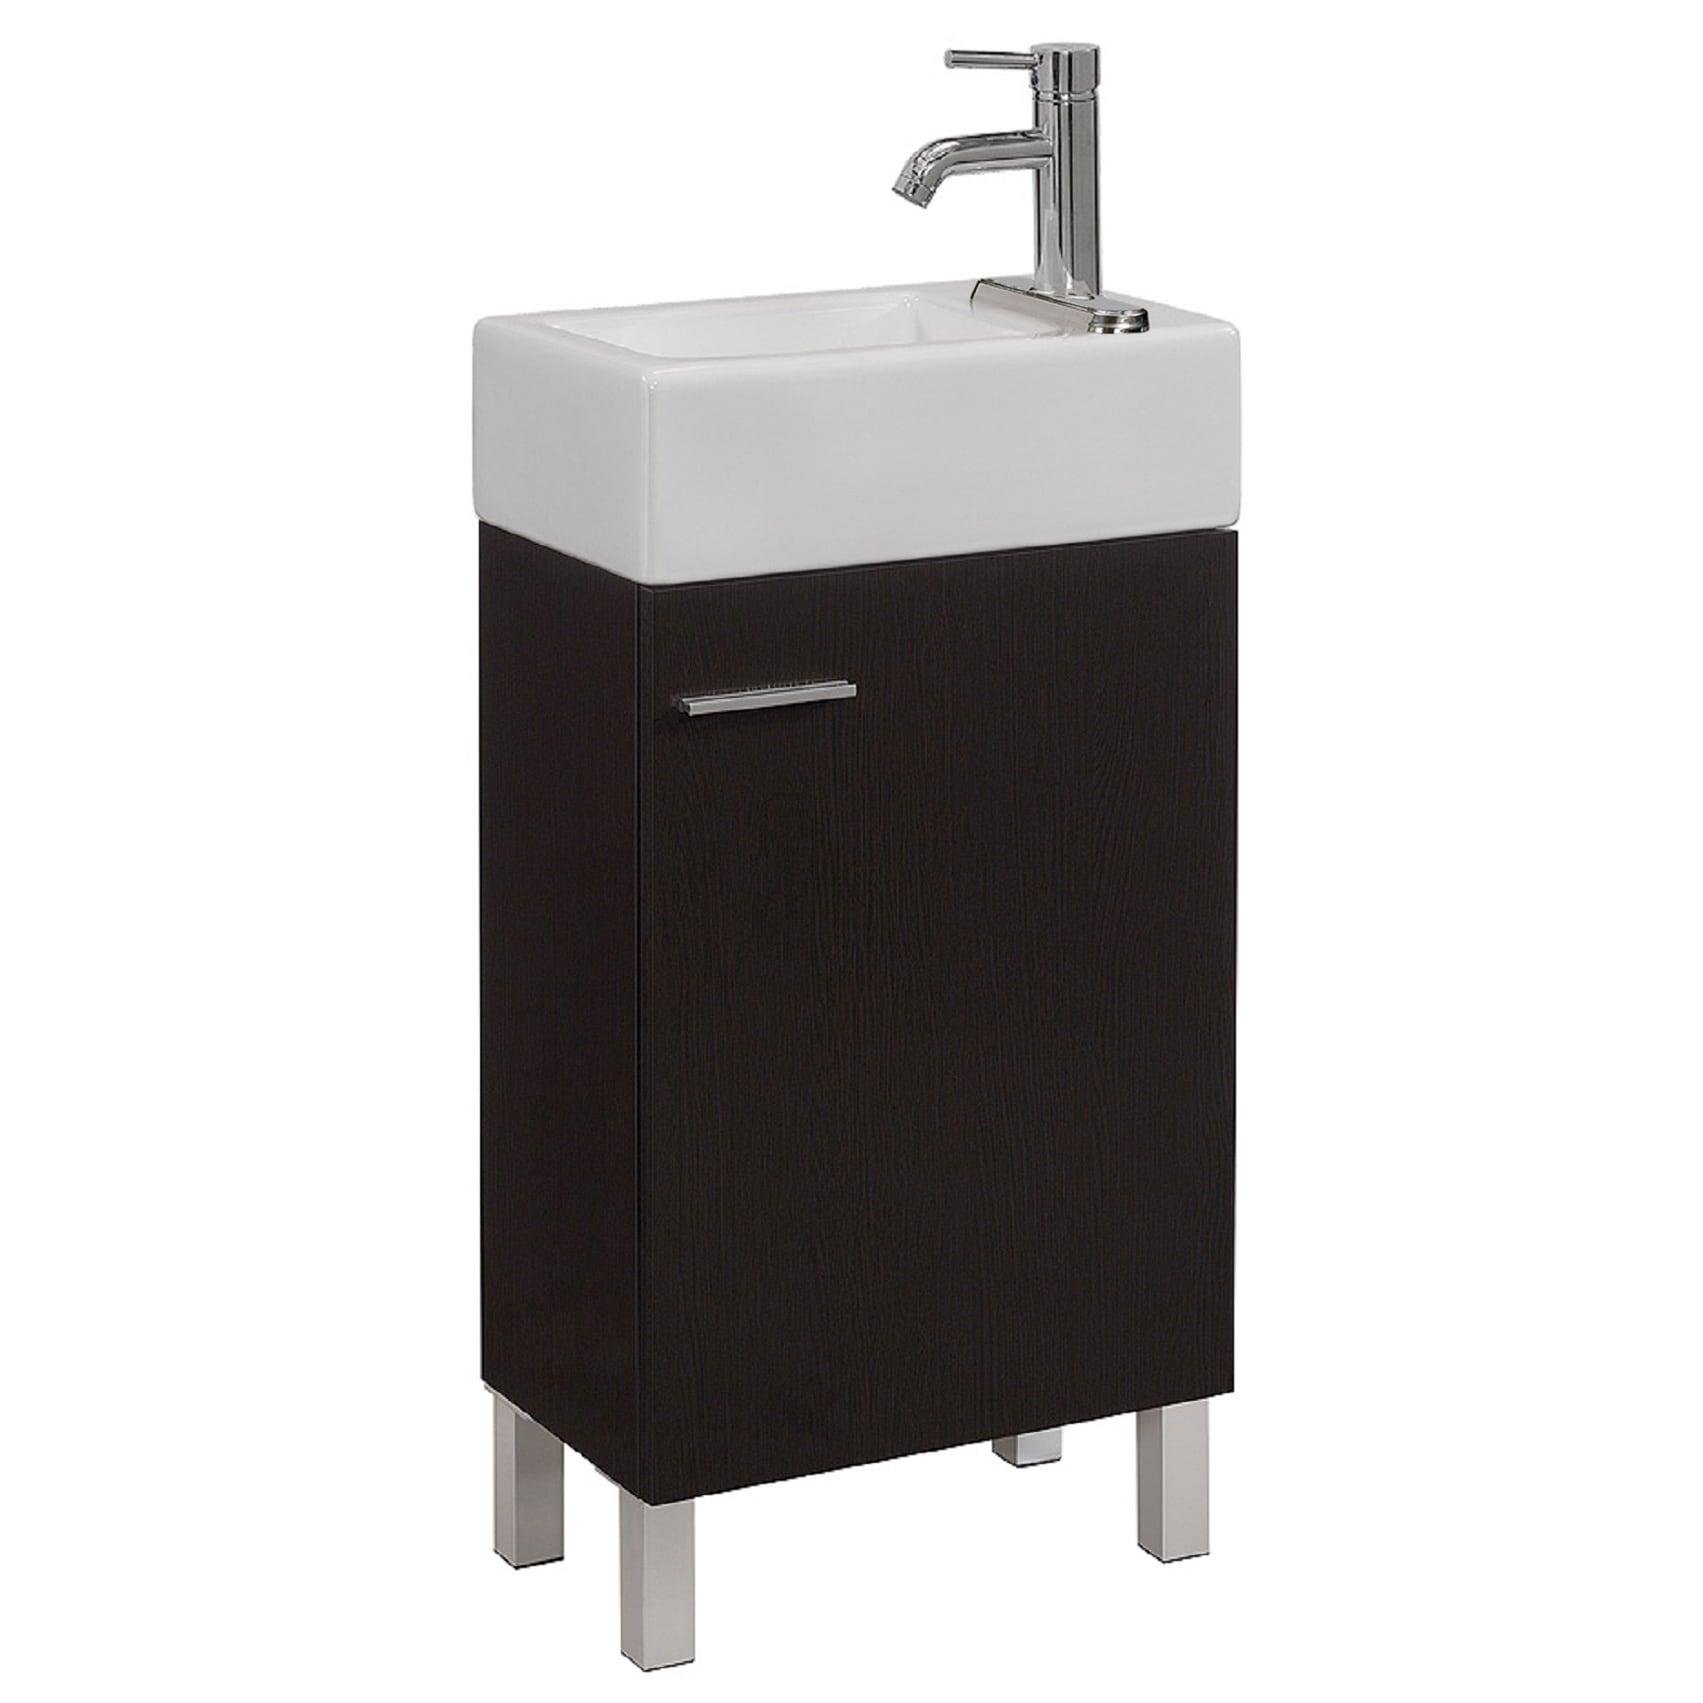 Buy Bathroom Vanities & Vanity Cabinets Online at Overstock.com ...